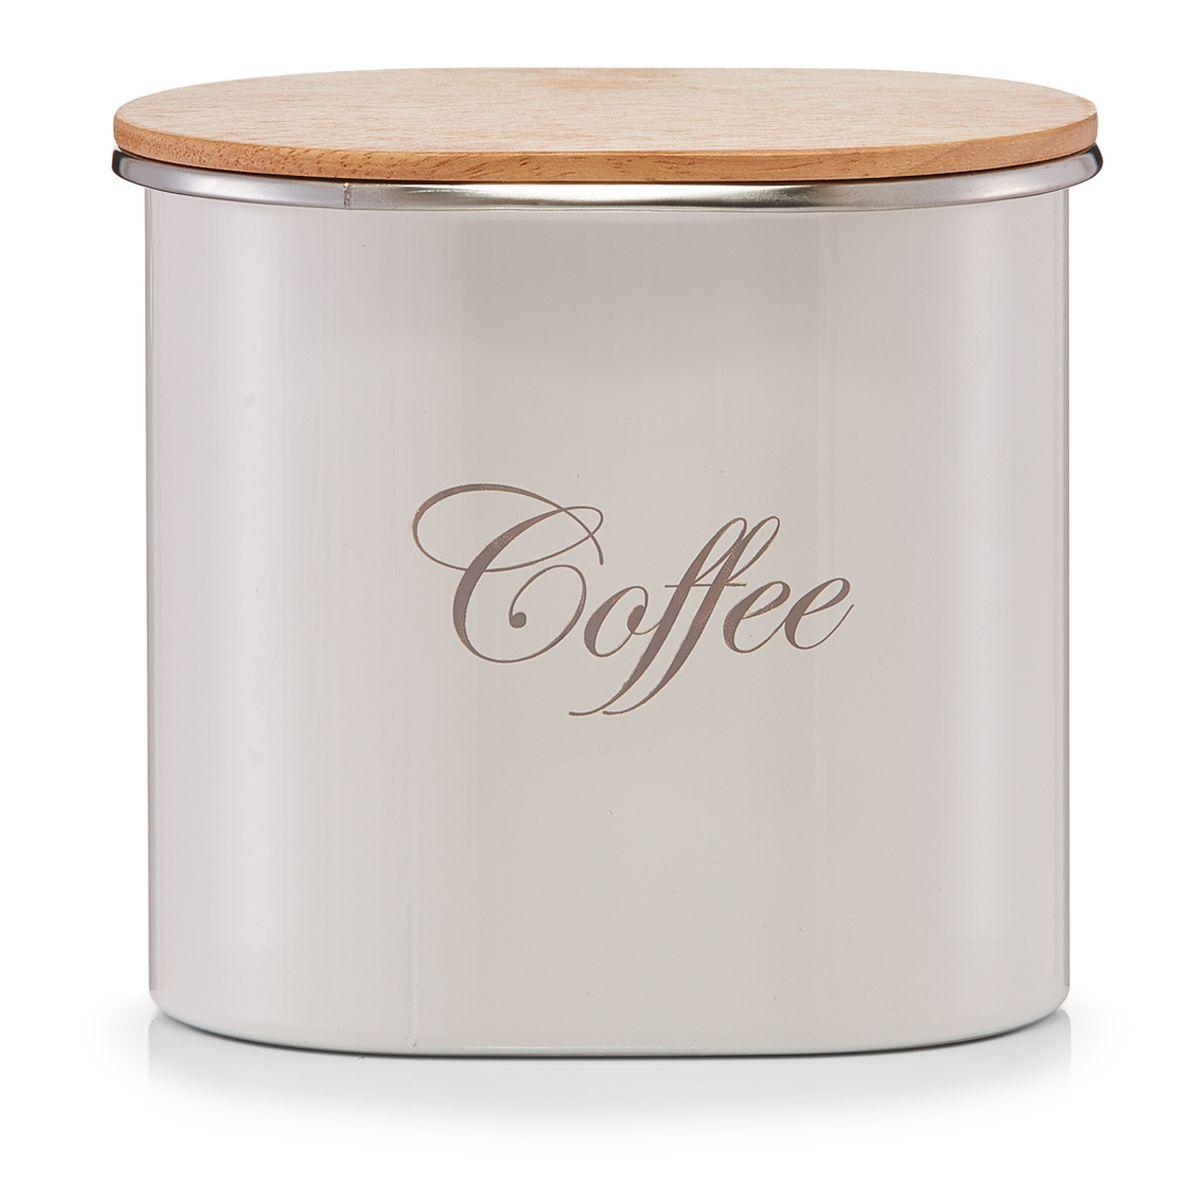 Банка для хранения Zeller Coffe, 15 х 11 х 13,5 см19312Банка Zeller Coffee, выполненная из металла, снабжена деревянной крышкой, которая плотно и герметично закрывается, дольше сохраняя аромат и свежесть содержимого. Изделие предназначено для хранения любого вида кофе. Стильная и практичная, такая банка станет незаменимым аксессуаром на любой кухне.